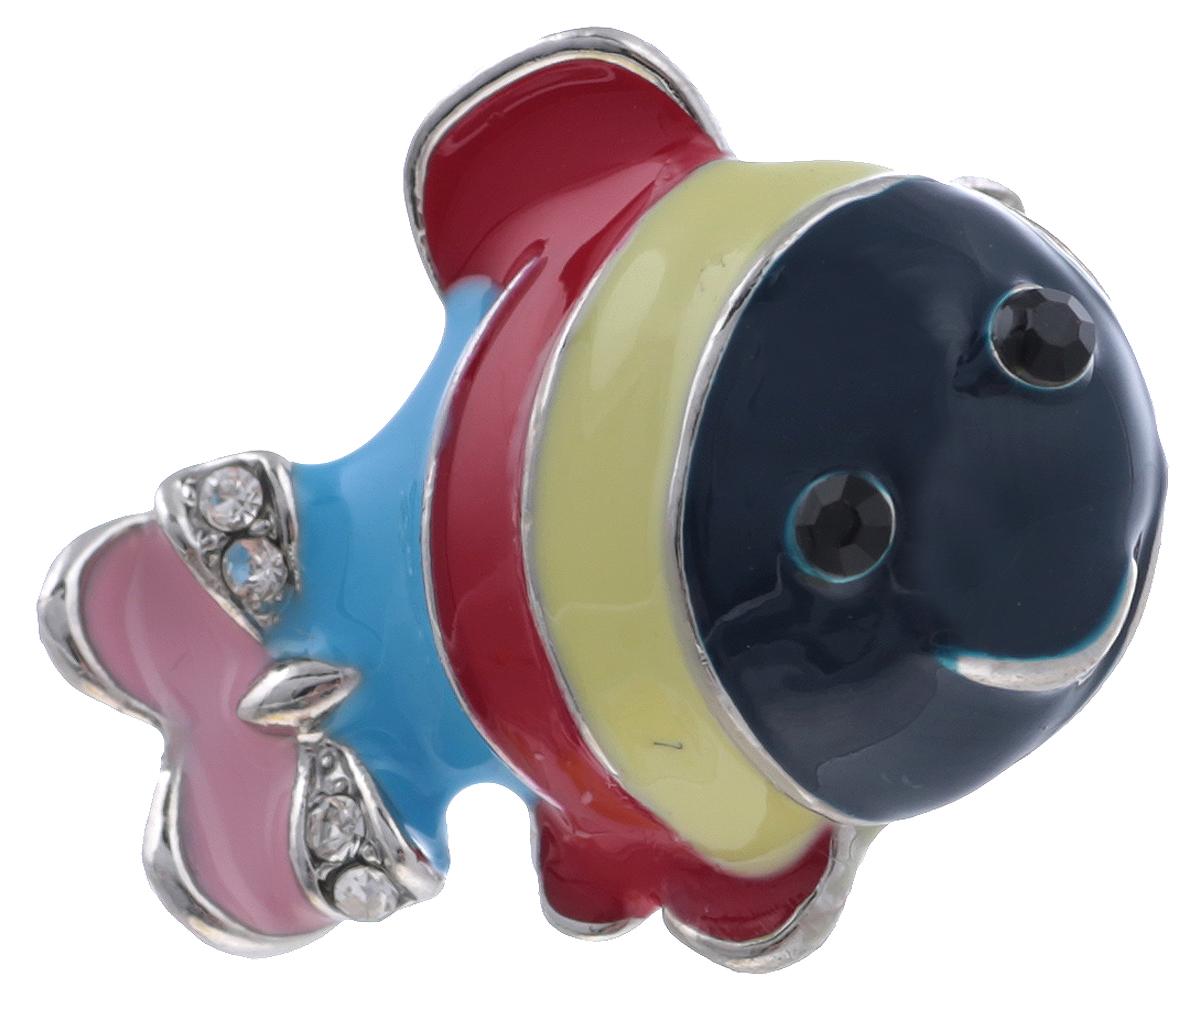 Брошь Рыбка от Arrina. Цветные эмали, прозрачные стразы, бижутерный сплав серебряного тона. ГонконгБрошь-булавкаБрошь Рыбка от Arrina. Цветные эмали, прозрачные стразы, бижутерный сплав серебряного тона.Гонконг.Размер: 2,5 х 1,5 см.Тип крепления - булавка с застежкой.